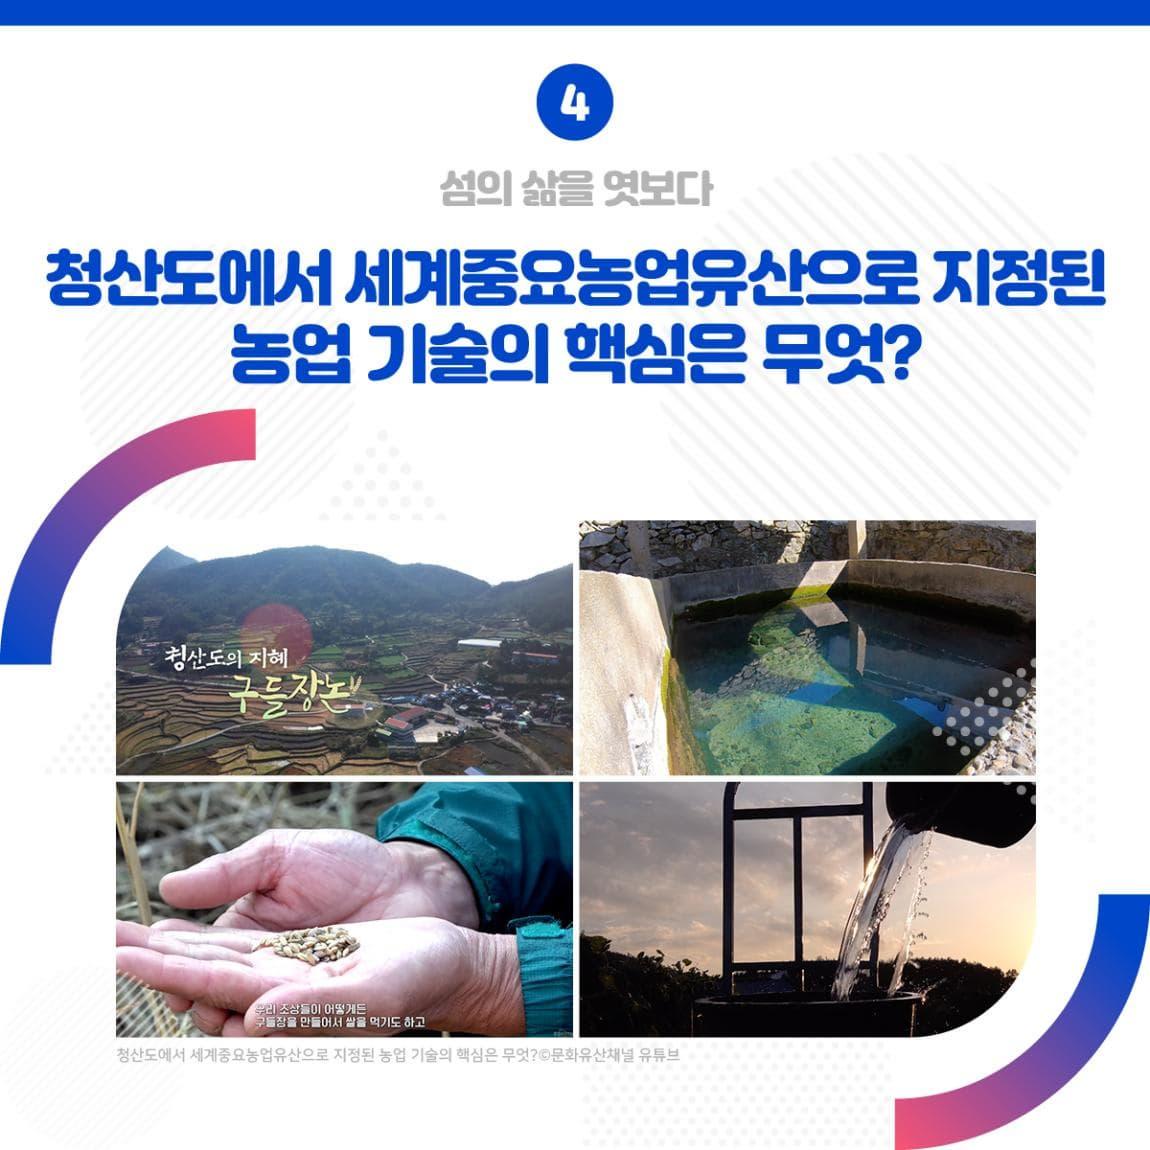 언택트 가족 여행 <4K 랜선 문화 여행: 해남>